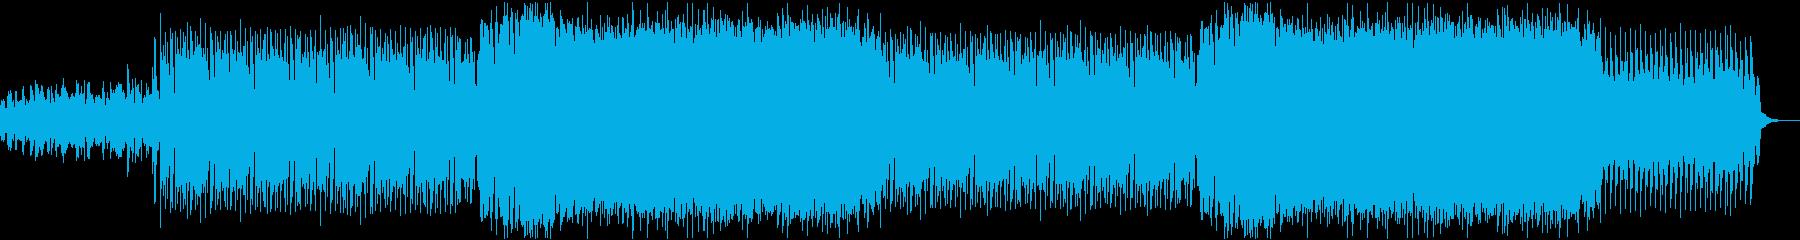 ゲーム実況,キル集で使用されそうなEDMの再生済みの波形